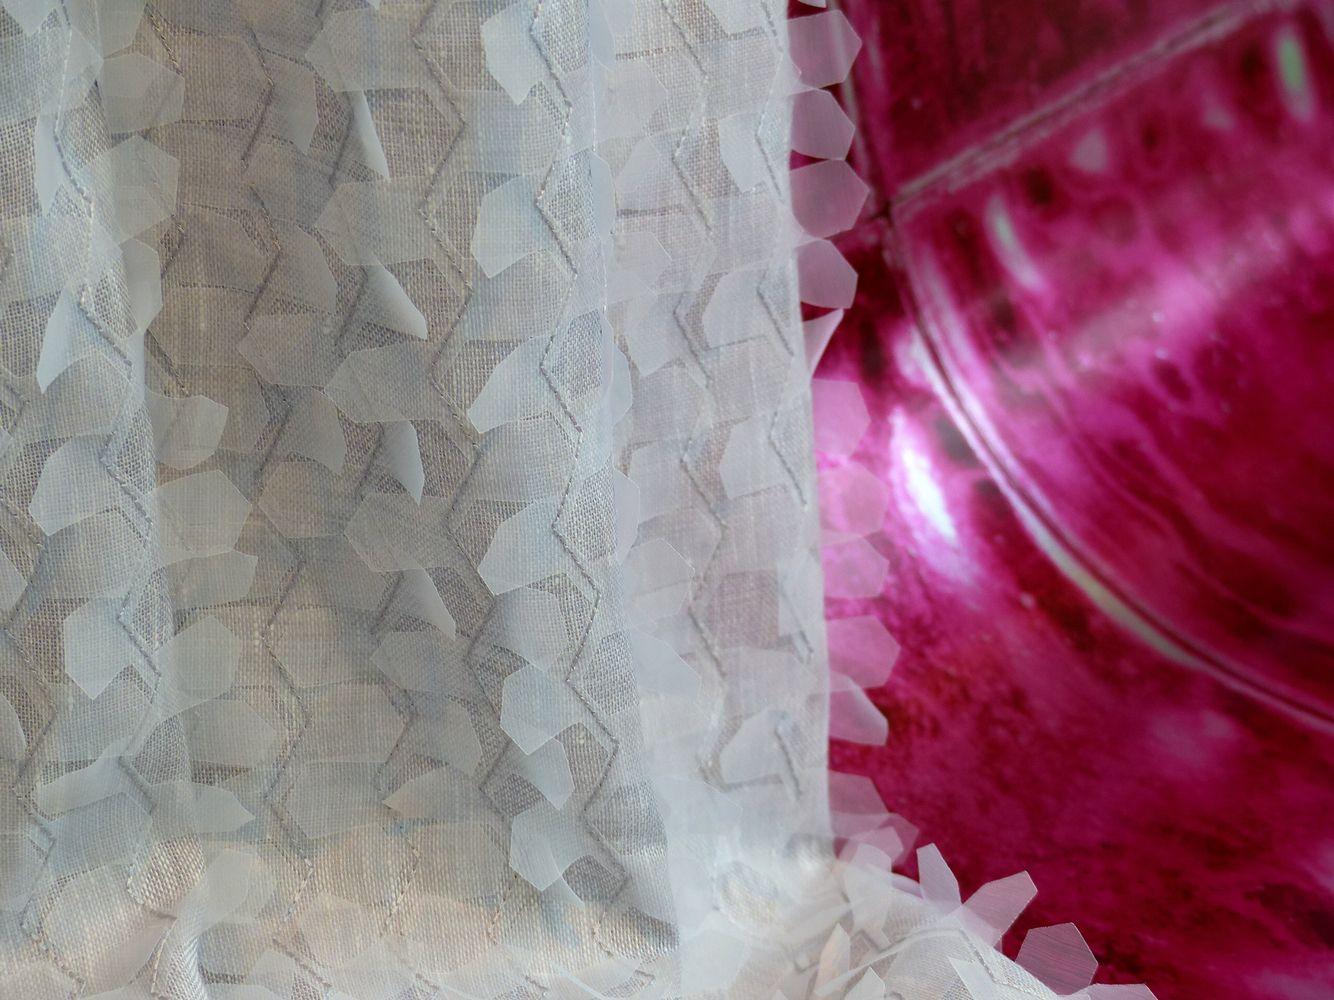 Tapete #DesignersGuild, Dekostoff #nyanordiska MIYAKO Leinen, Polyester Viscose Mix #Rademann #Kiel #Raumausstatter #Bodenbelag #Dekoration #Sonnenschutz #Tapete #Kissen #Polsterei